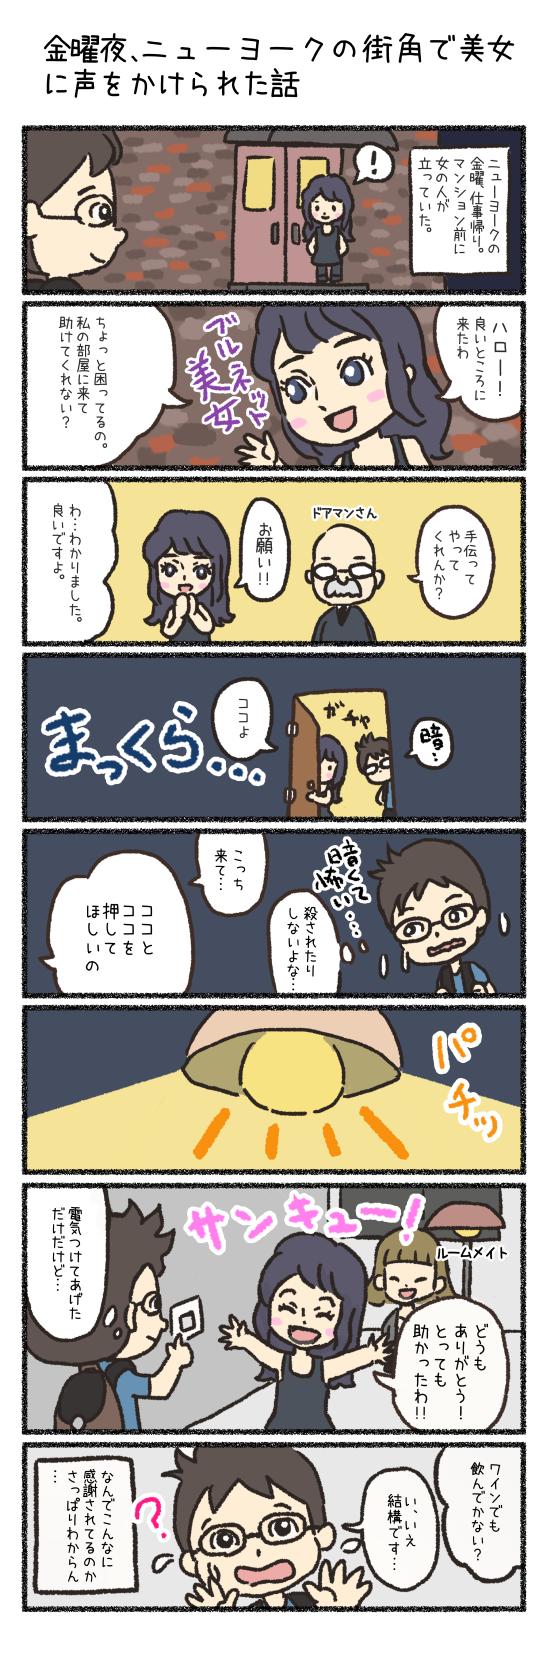 f:id:morinokmichi:20171016060321p:plain